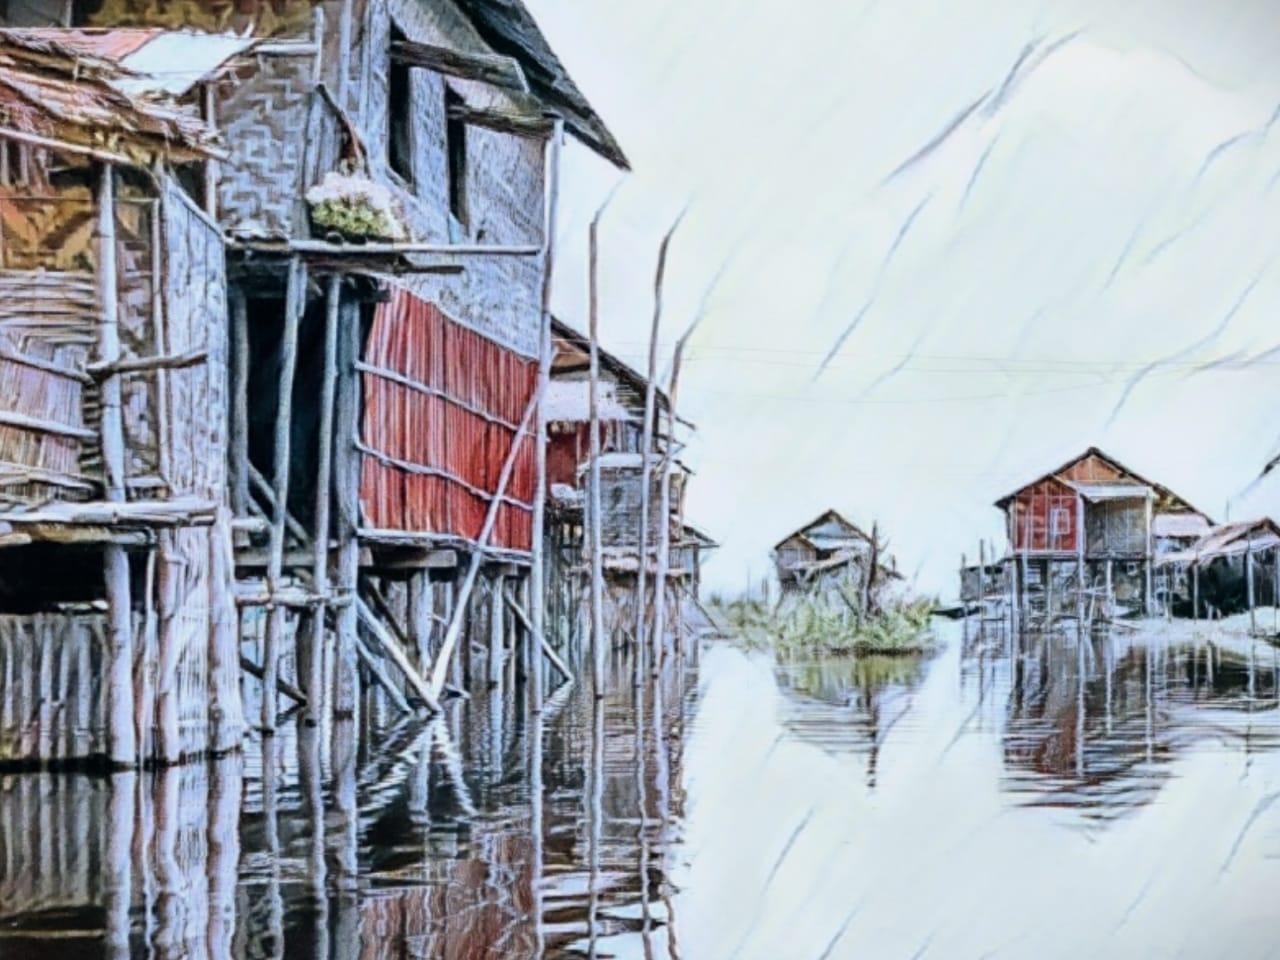 https: img.okeinfo.net content 2020 01 26 512 2158450 banjir-bandang-melanda-kabupaten-batang-jawa-tengah-JnSDc26Nep.jpg